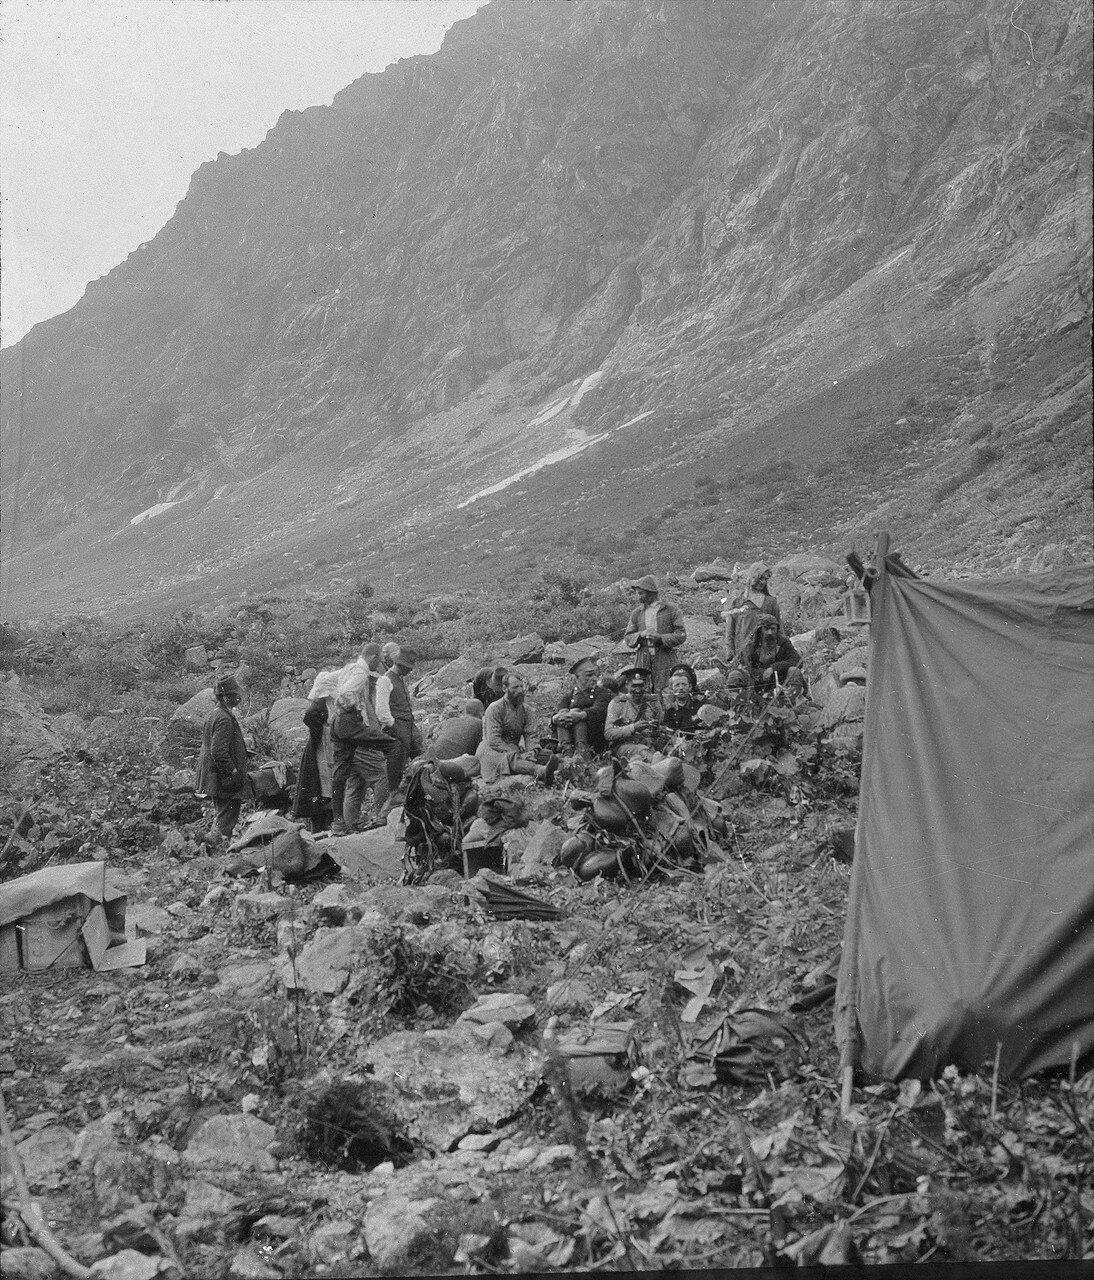 Лагерь Начар. Палатка и группа людей